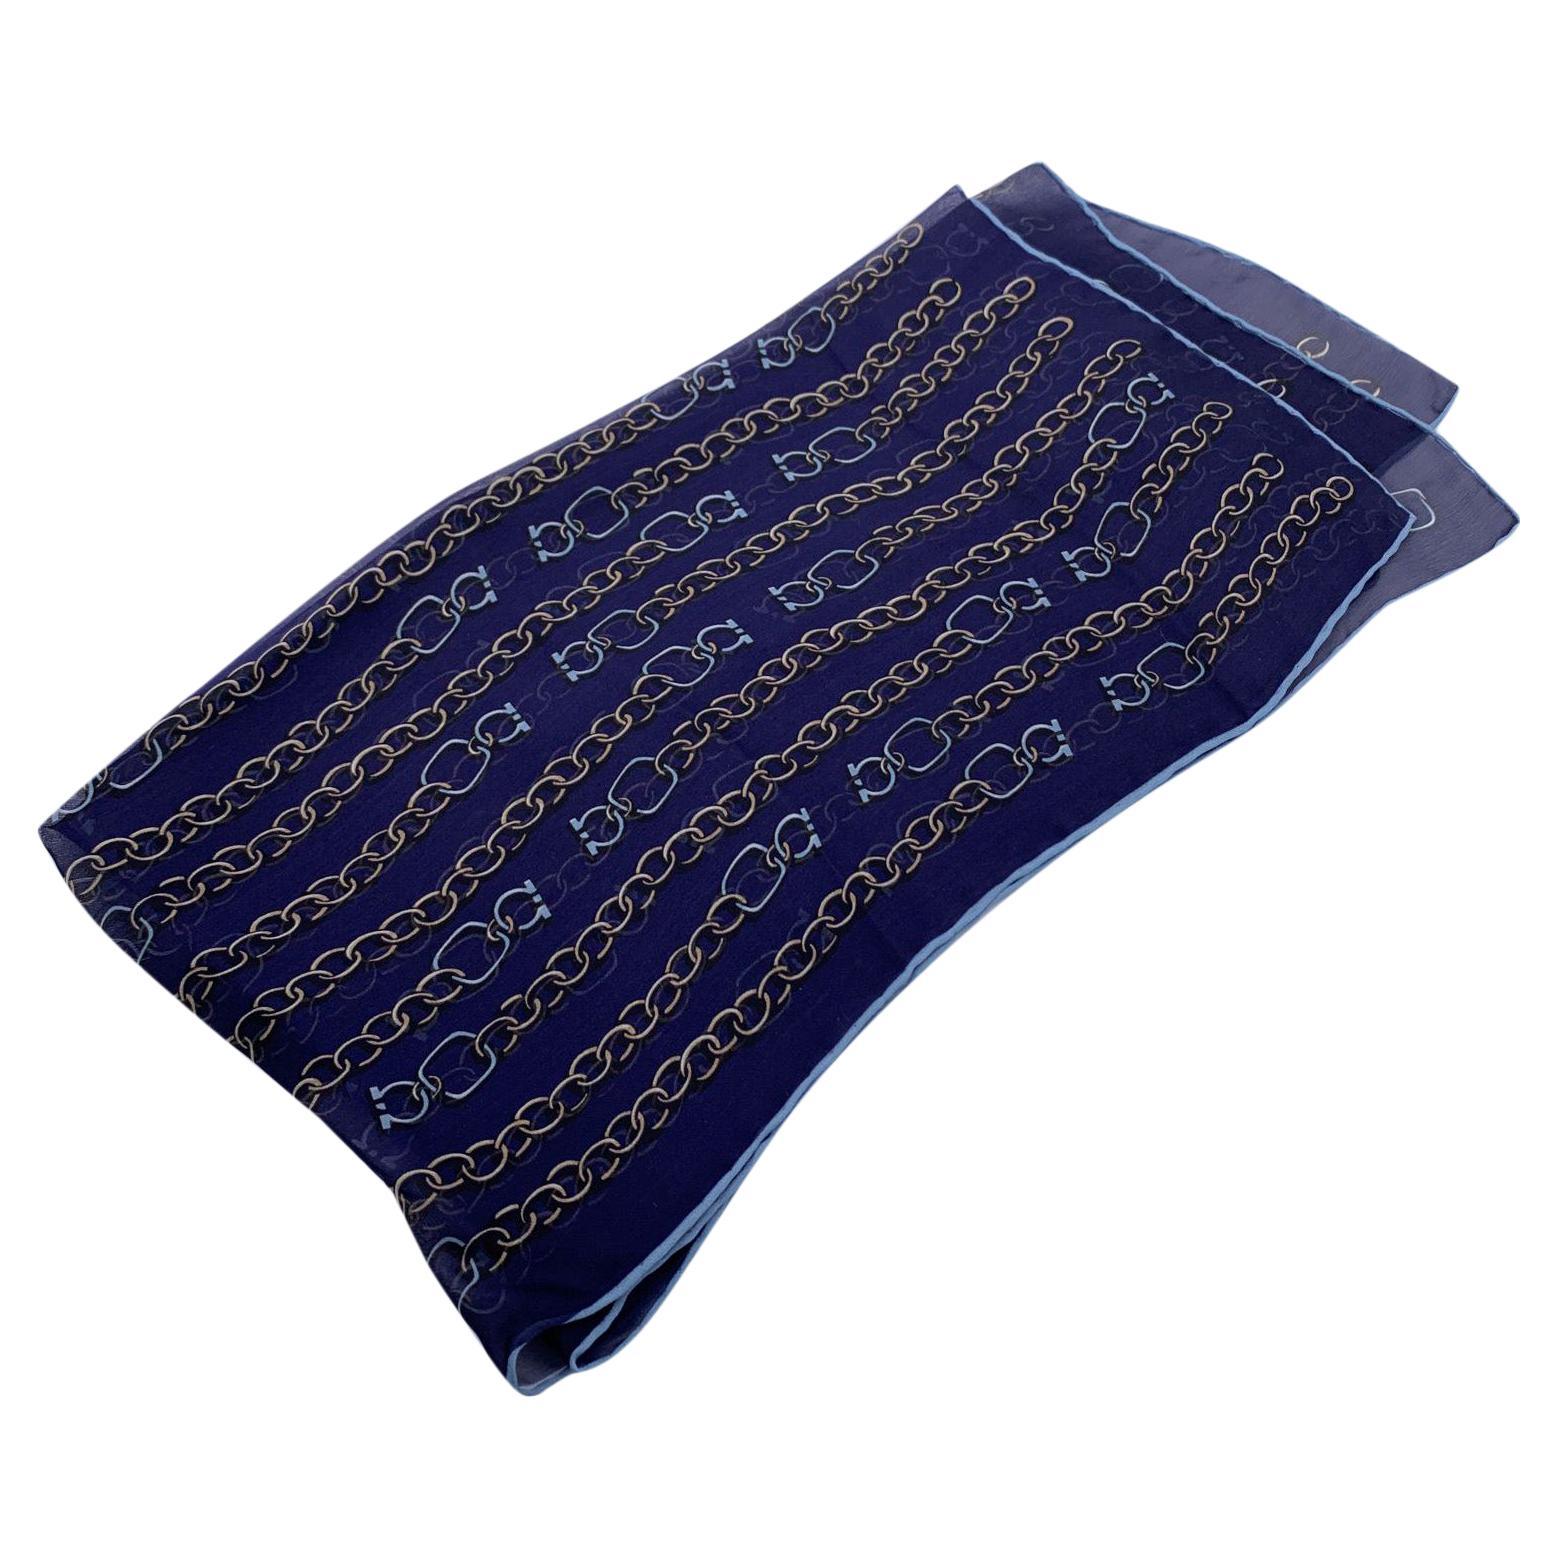 Salvatore Ferragamo Blue Chain Print Silk Stole Shawl Scarf